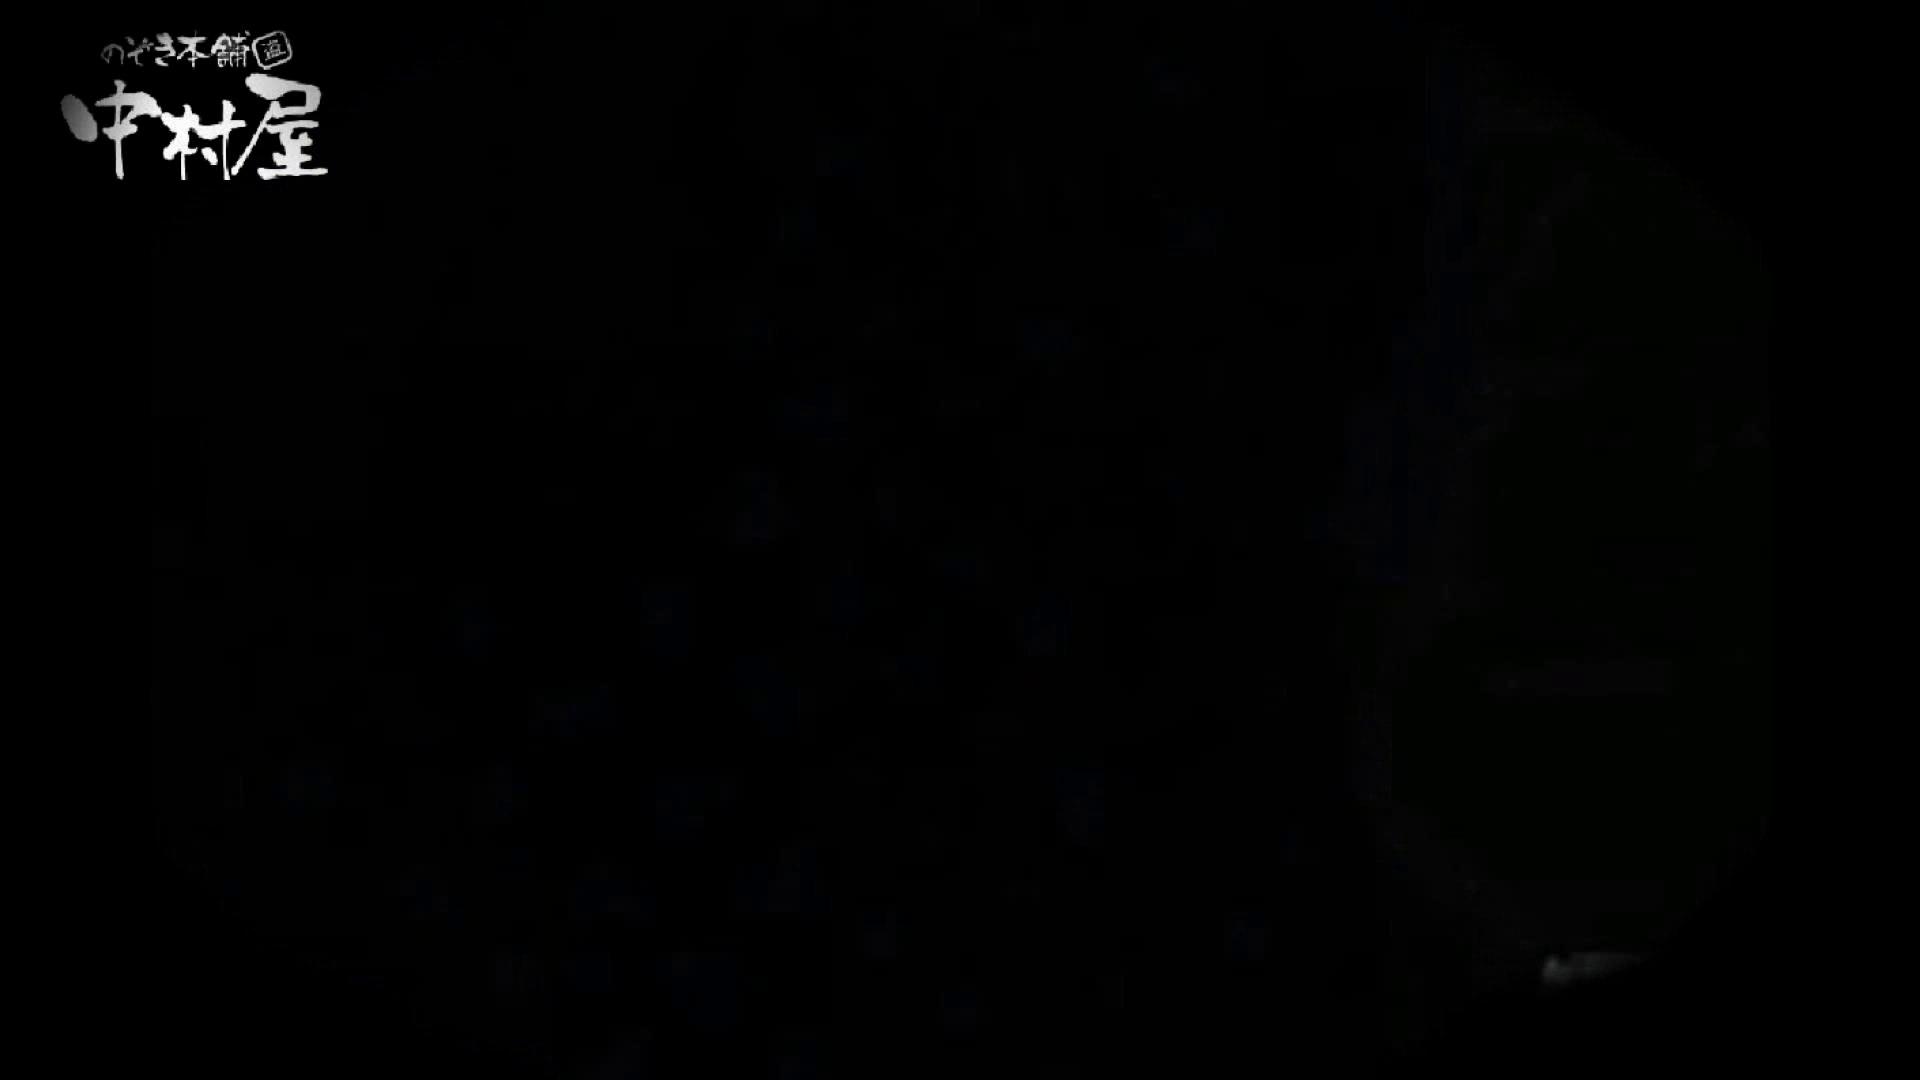 teen galトイレ覗き紙がナイ編‼vol.12 トイレ   OLのエロ生活  66連発 17